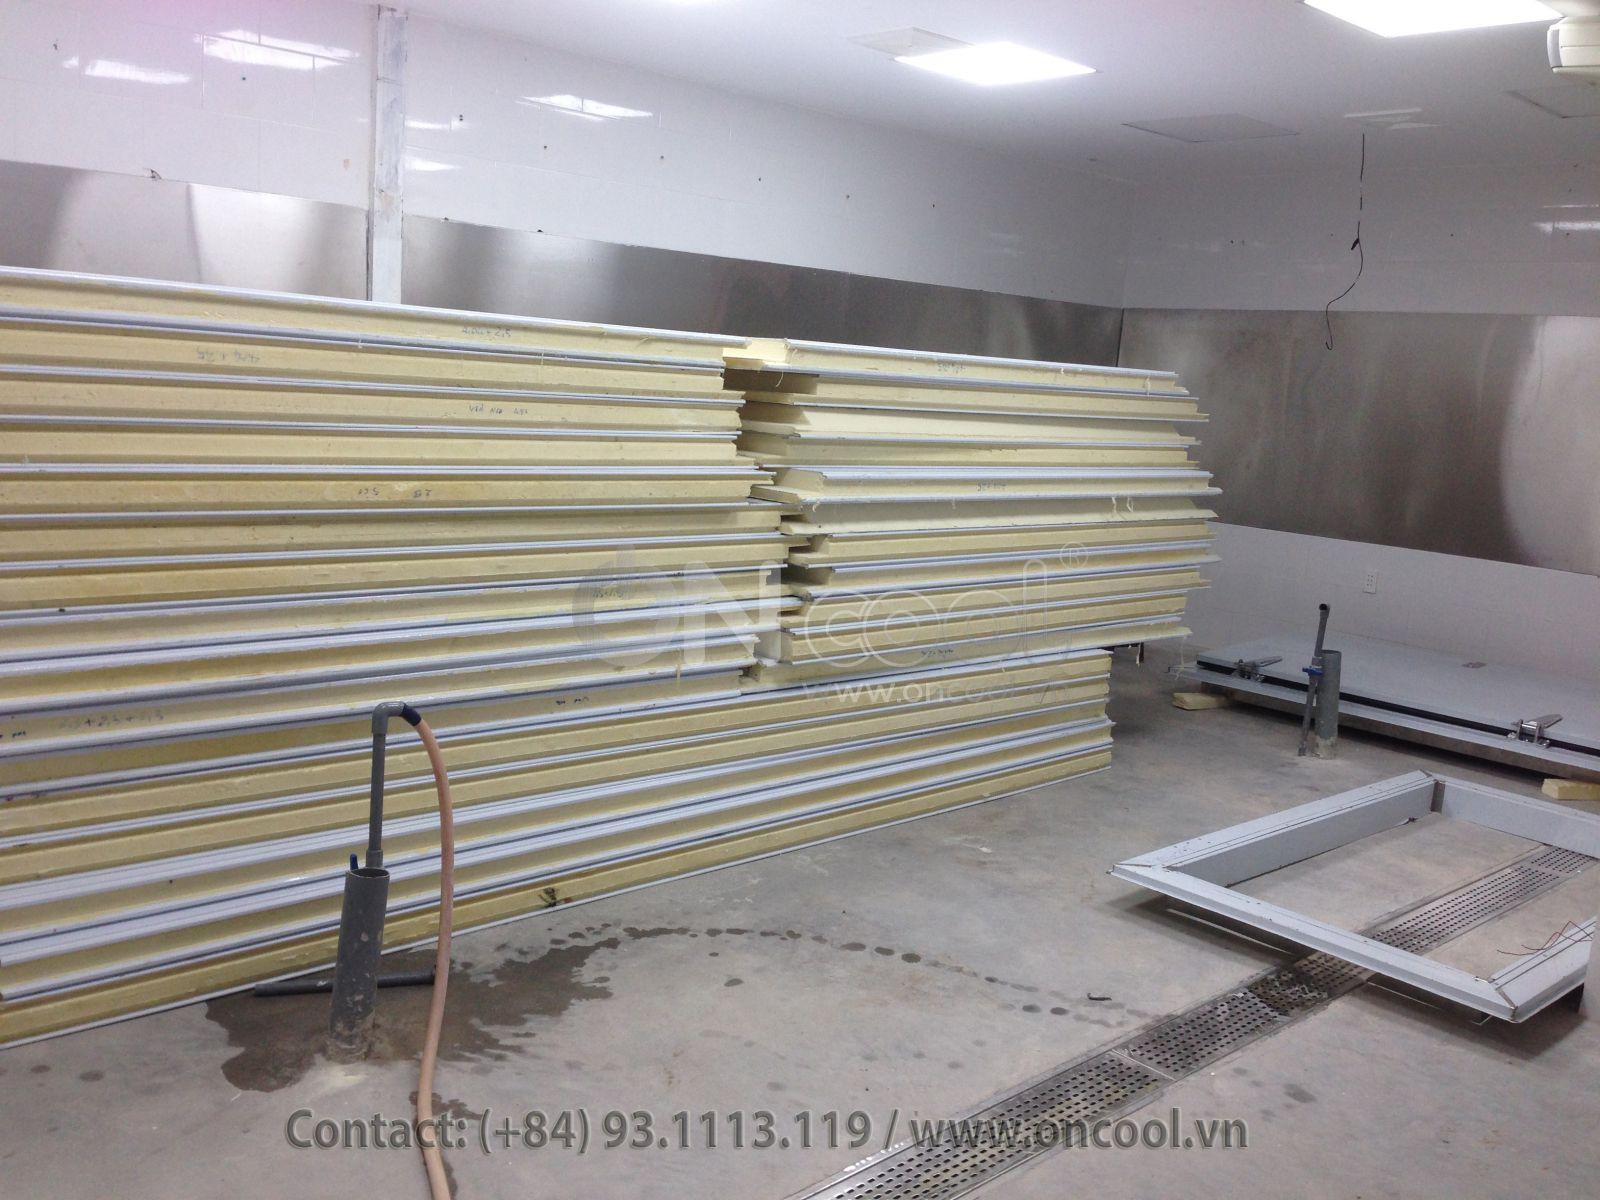 Lắp đặt Panel kho lạnh tại Long An